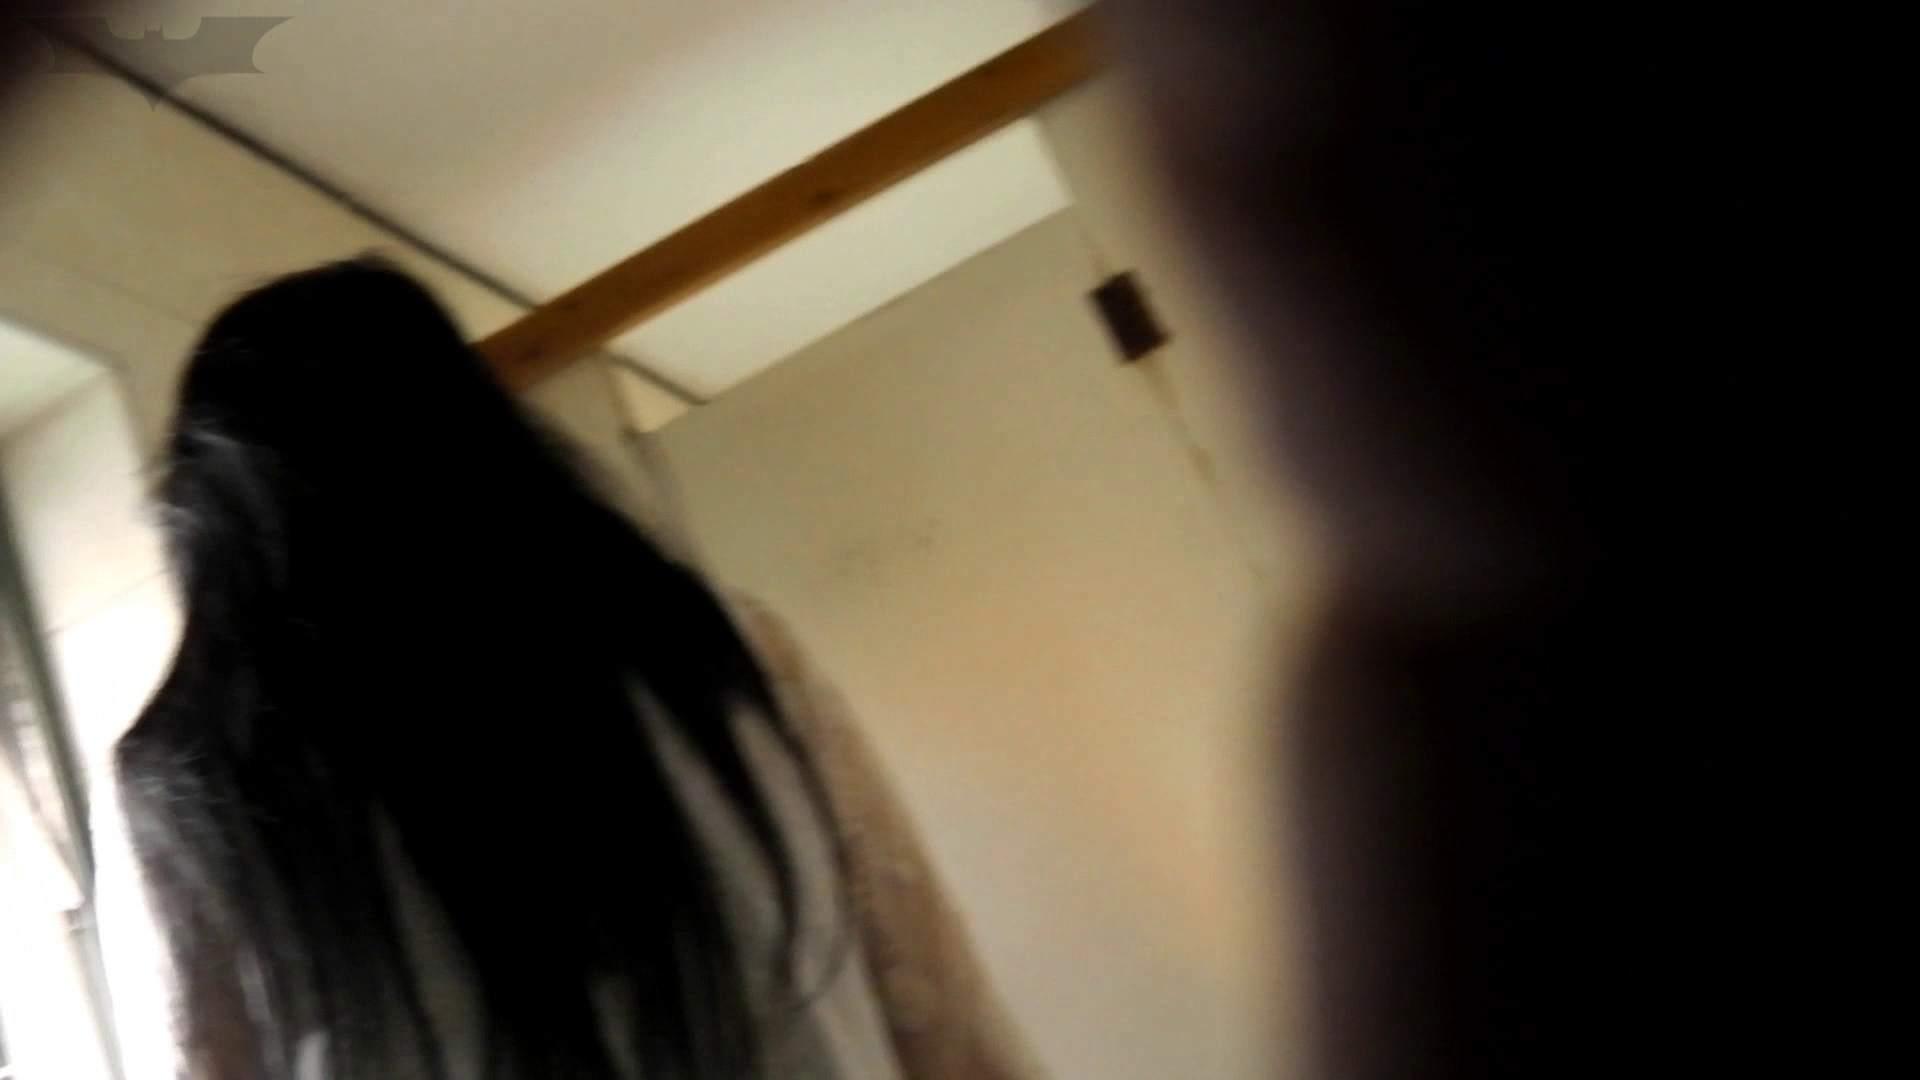 ステーション編 vol.28 無料動画に登場したモデルつい本番登場!! 高画質 アダルト動画キャプチャ 99枚 29